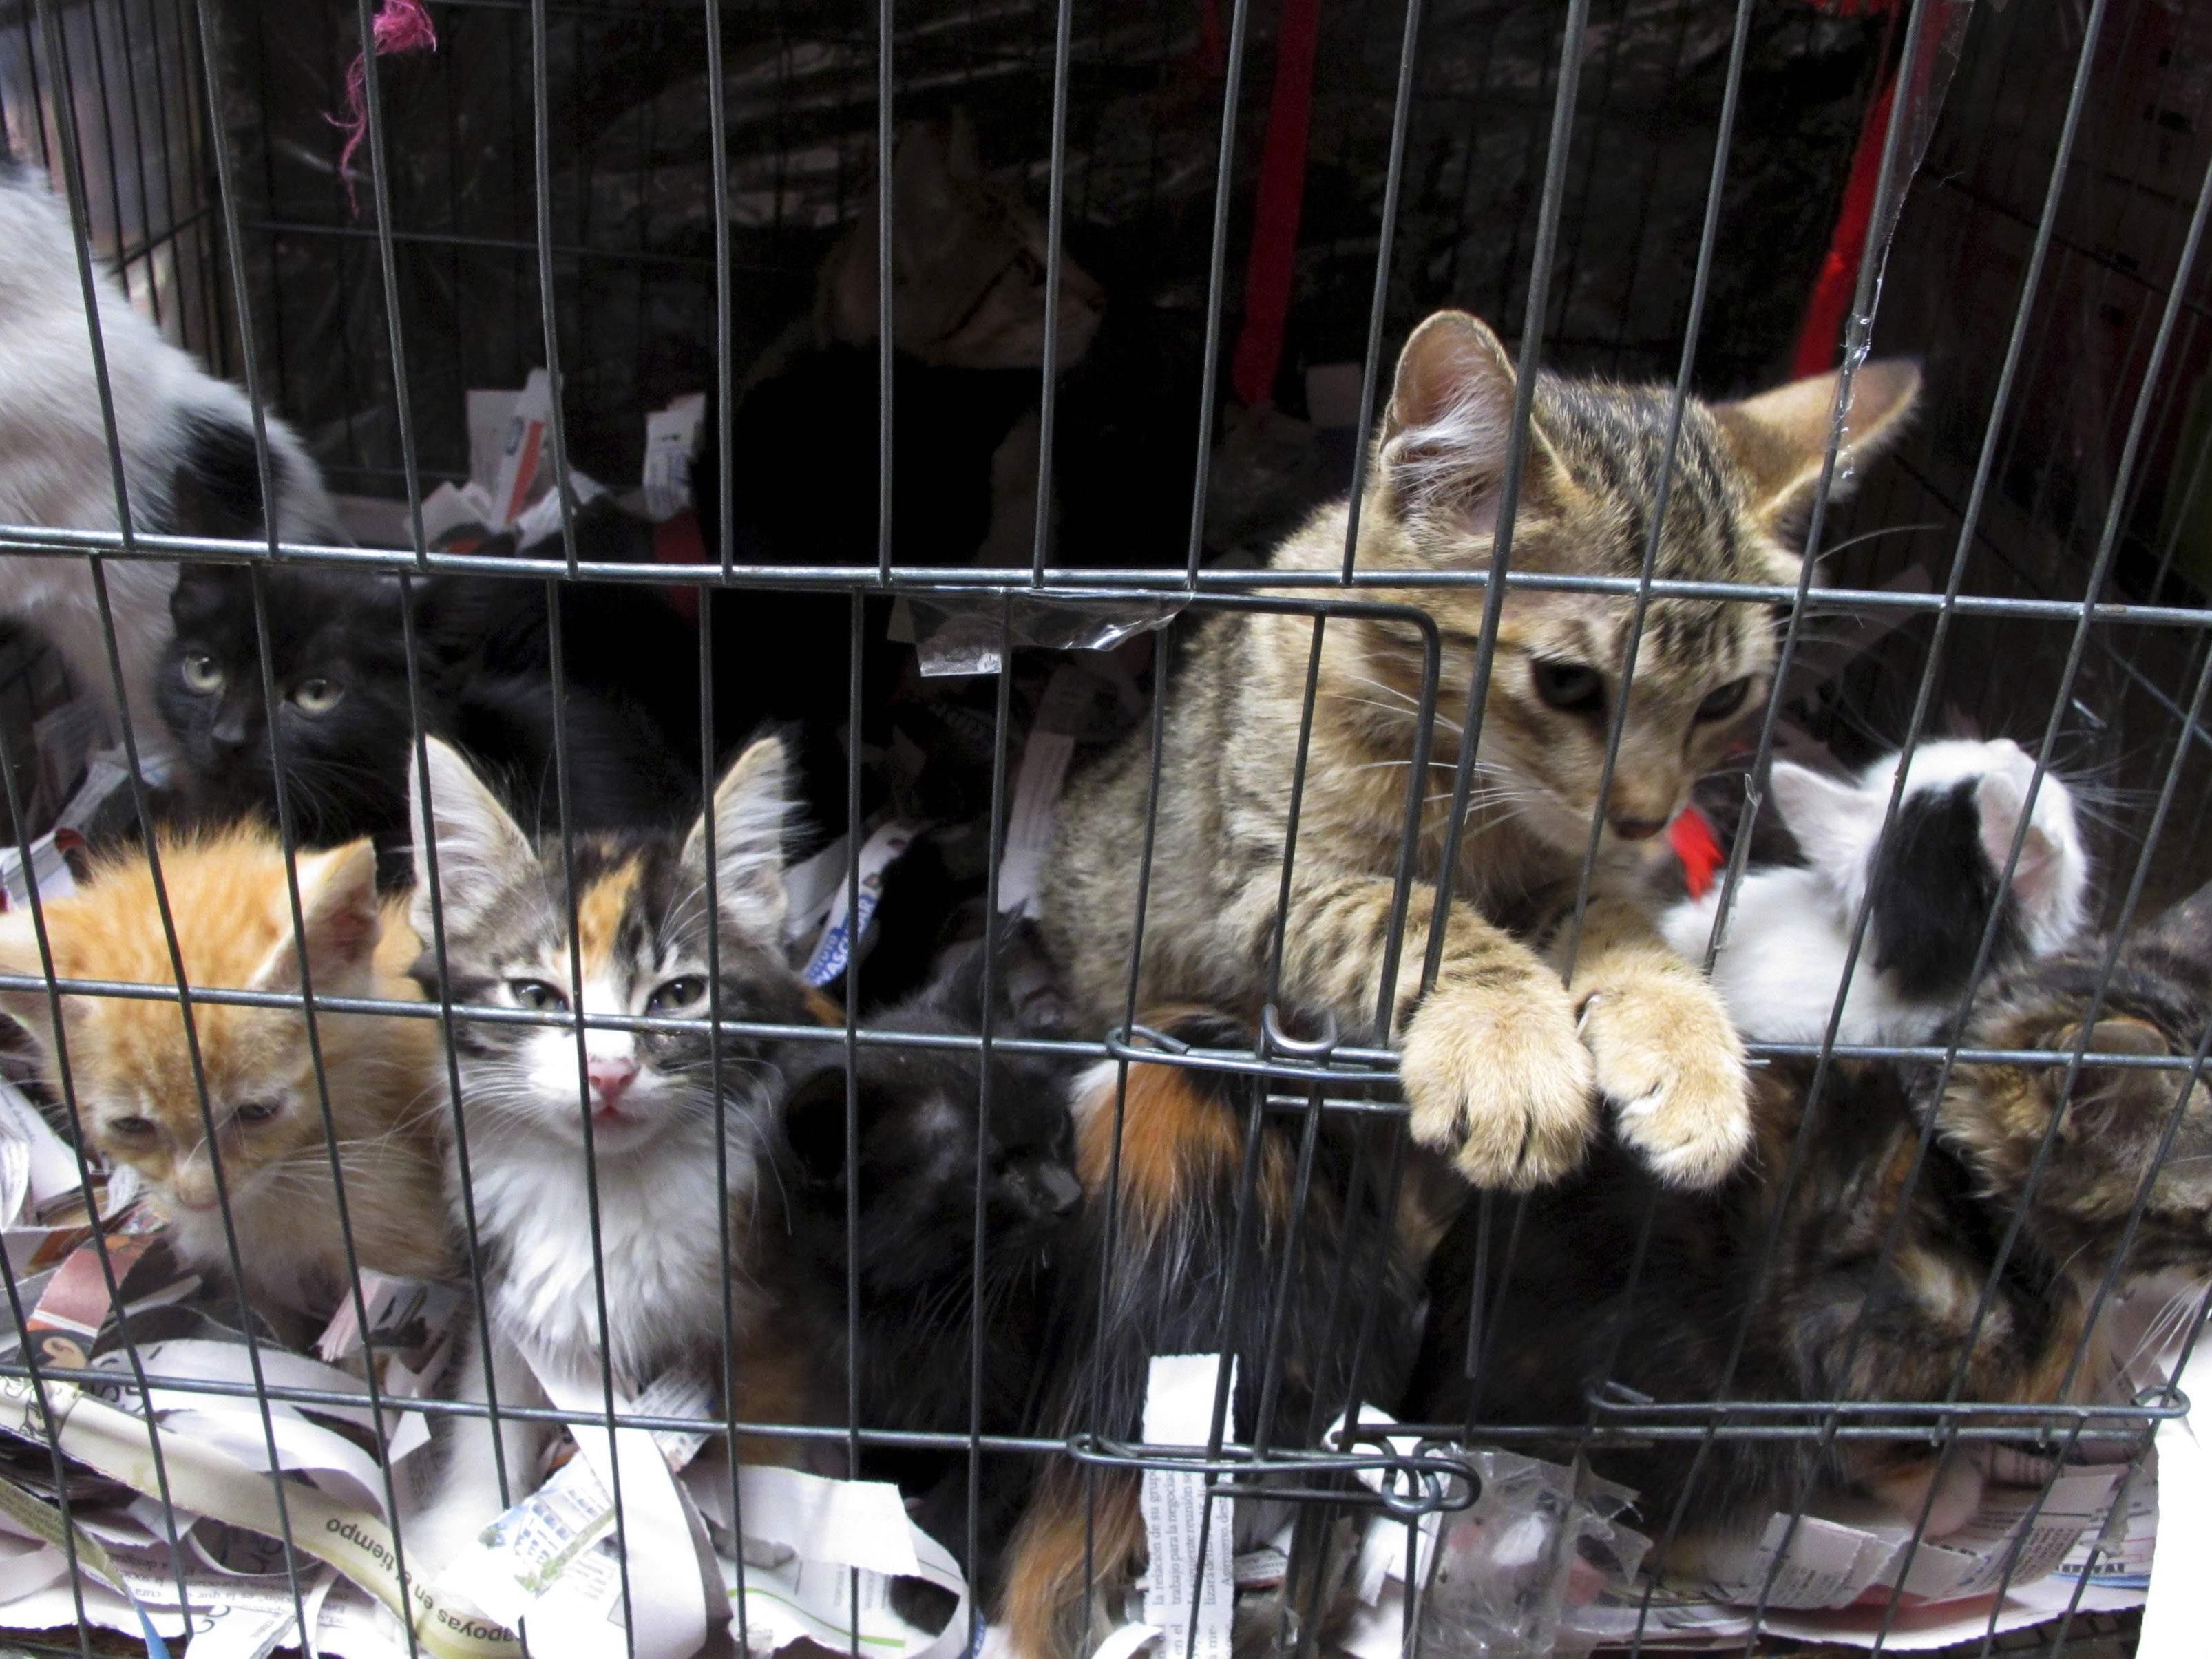 Eine Katzenfelldecke wollte der Mäderer verkaufen. Er fing keine Katzen.